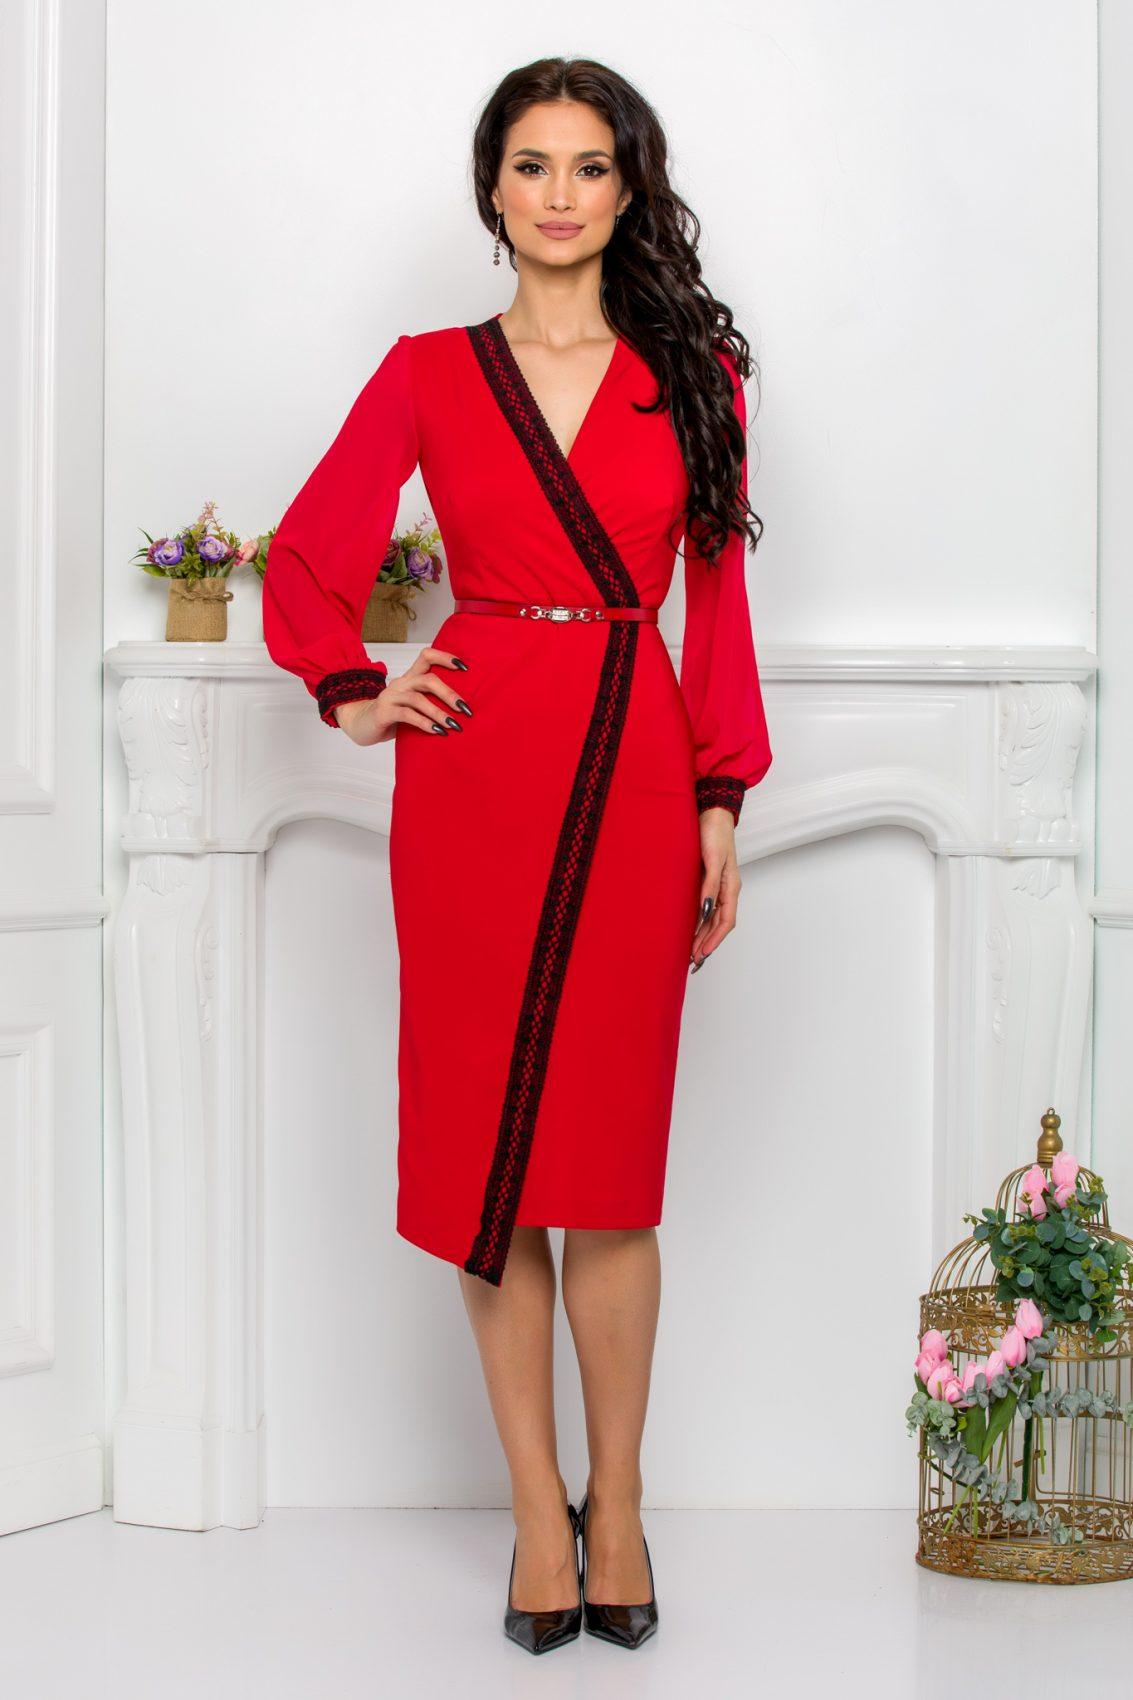 Κόκκινο Φόρεμα Με Διάφανα Μανίκια Estefania 9524 1